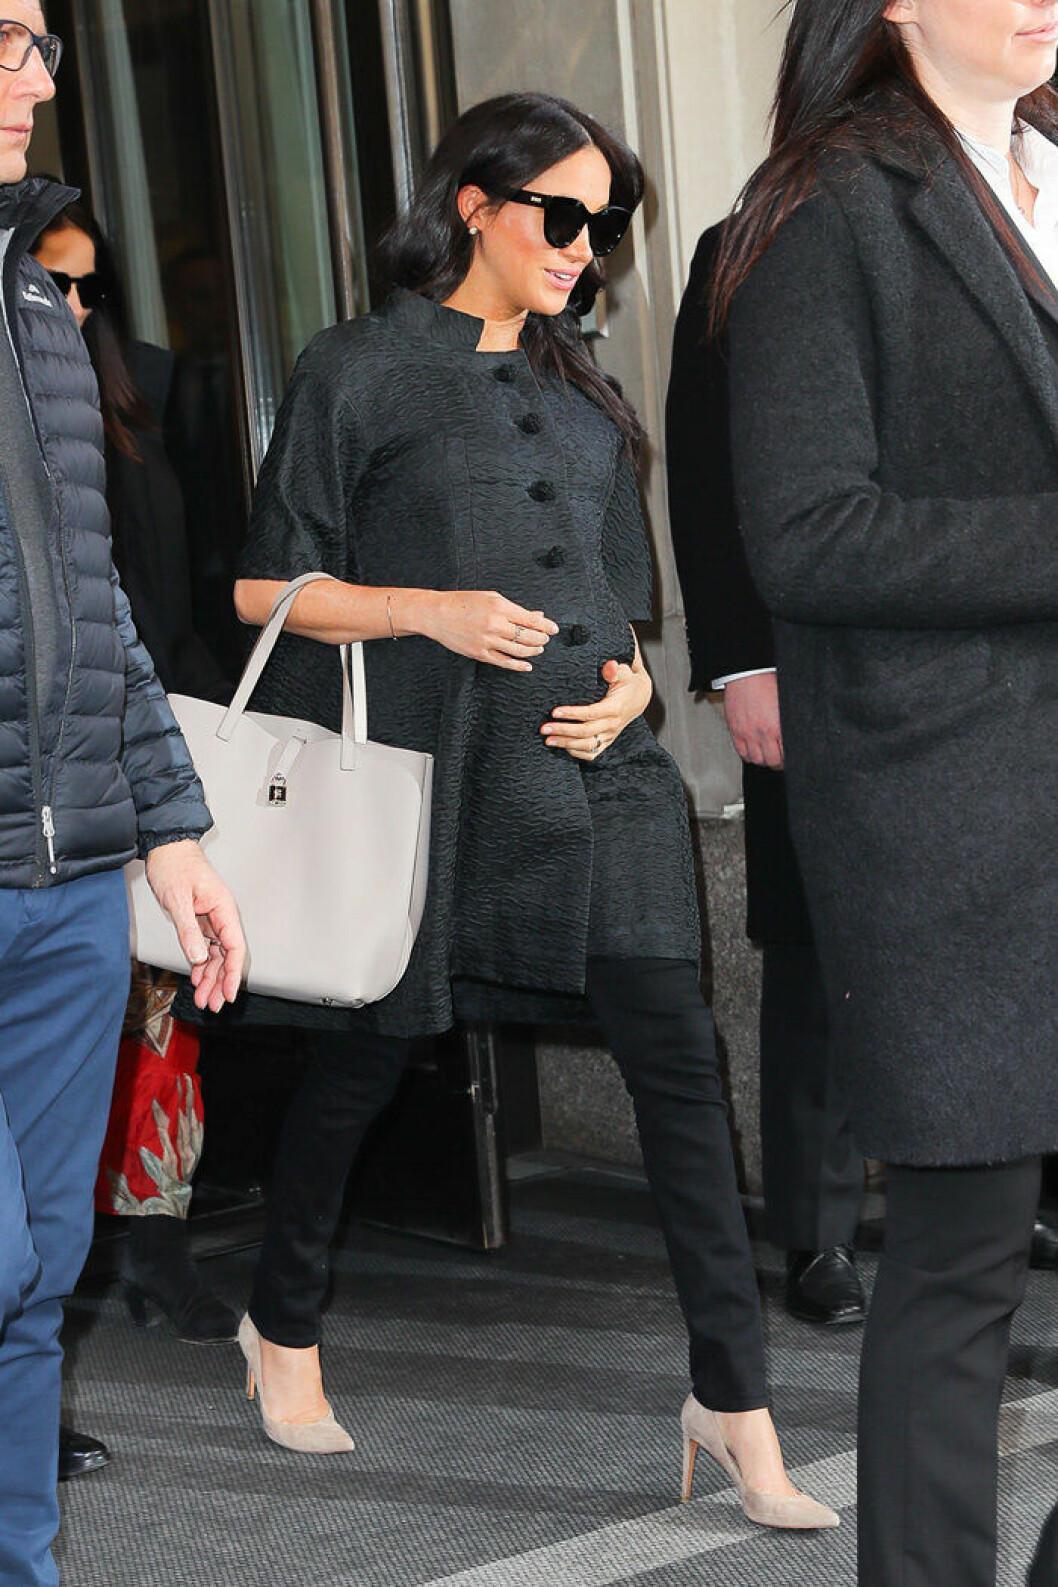 Den brittiska hertiginnan Meghan Markle fotograferades på väg till sin baby shower i New York.